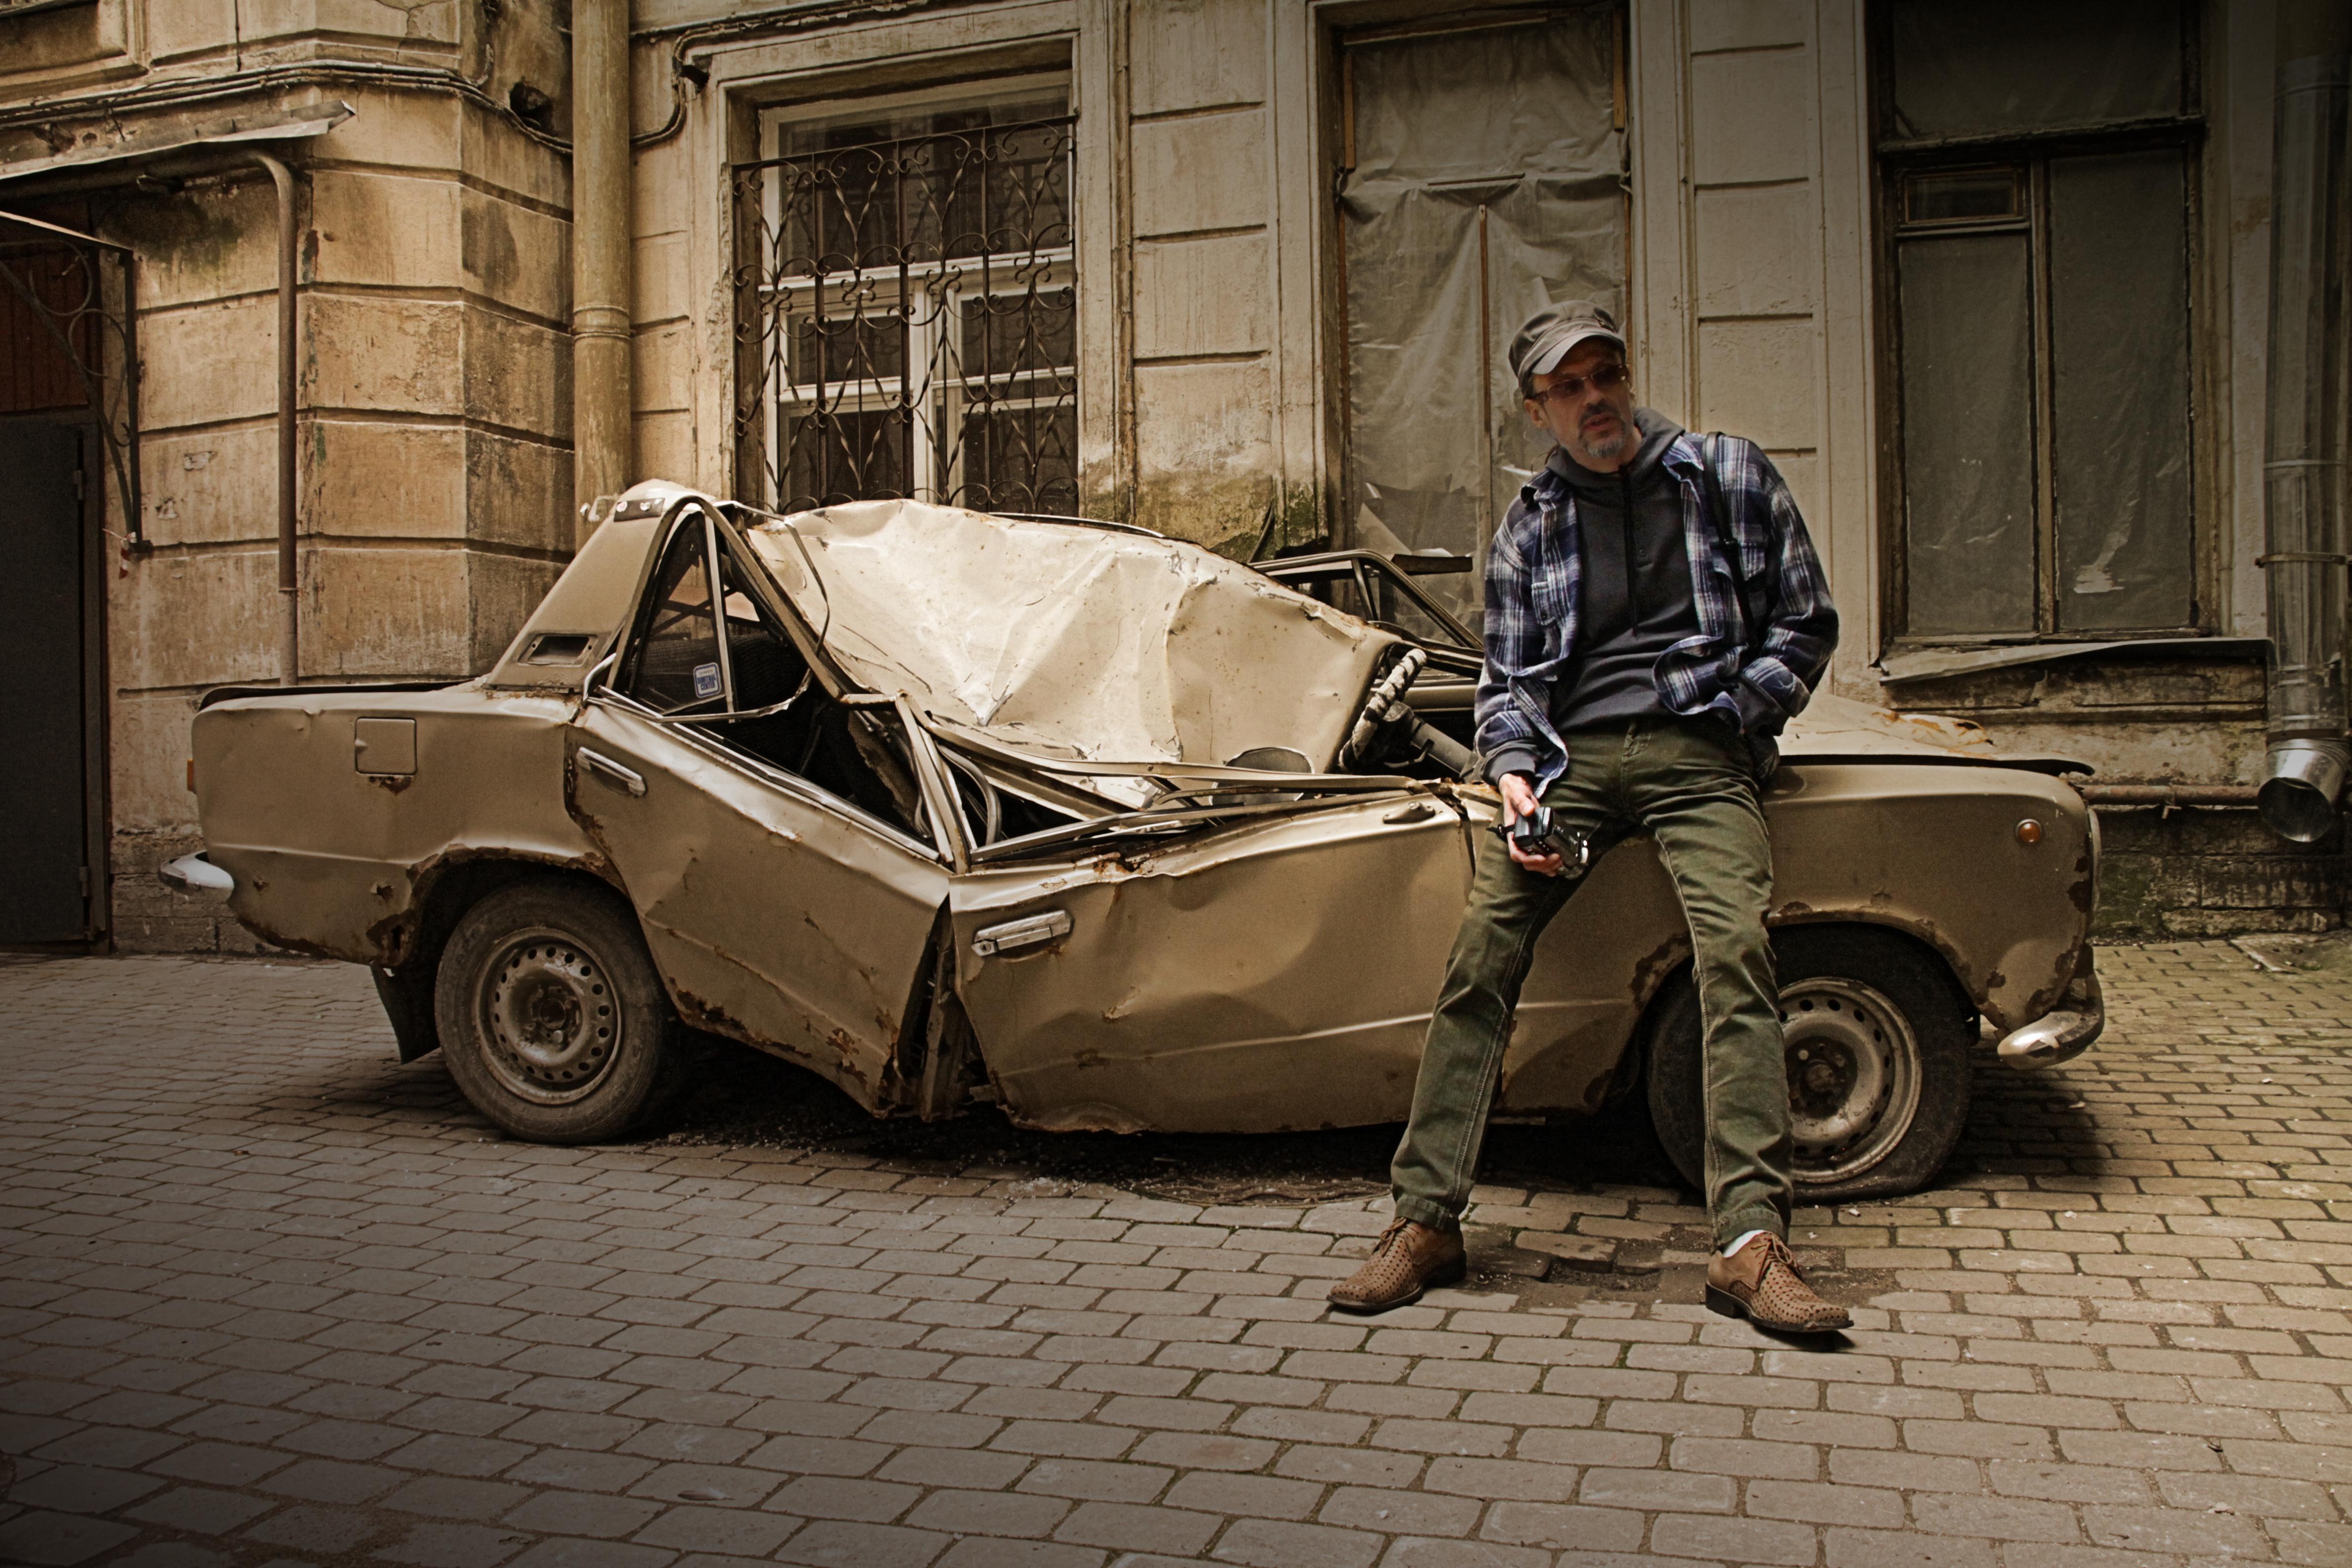 Мужчина в питерском дворе прислонился к разбитой машине.